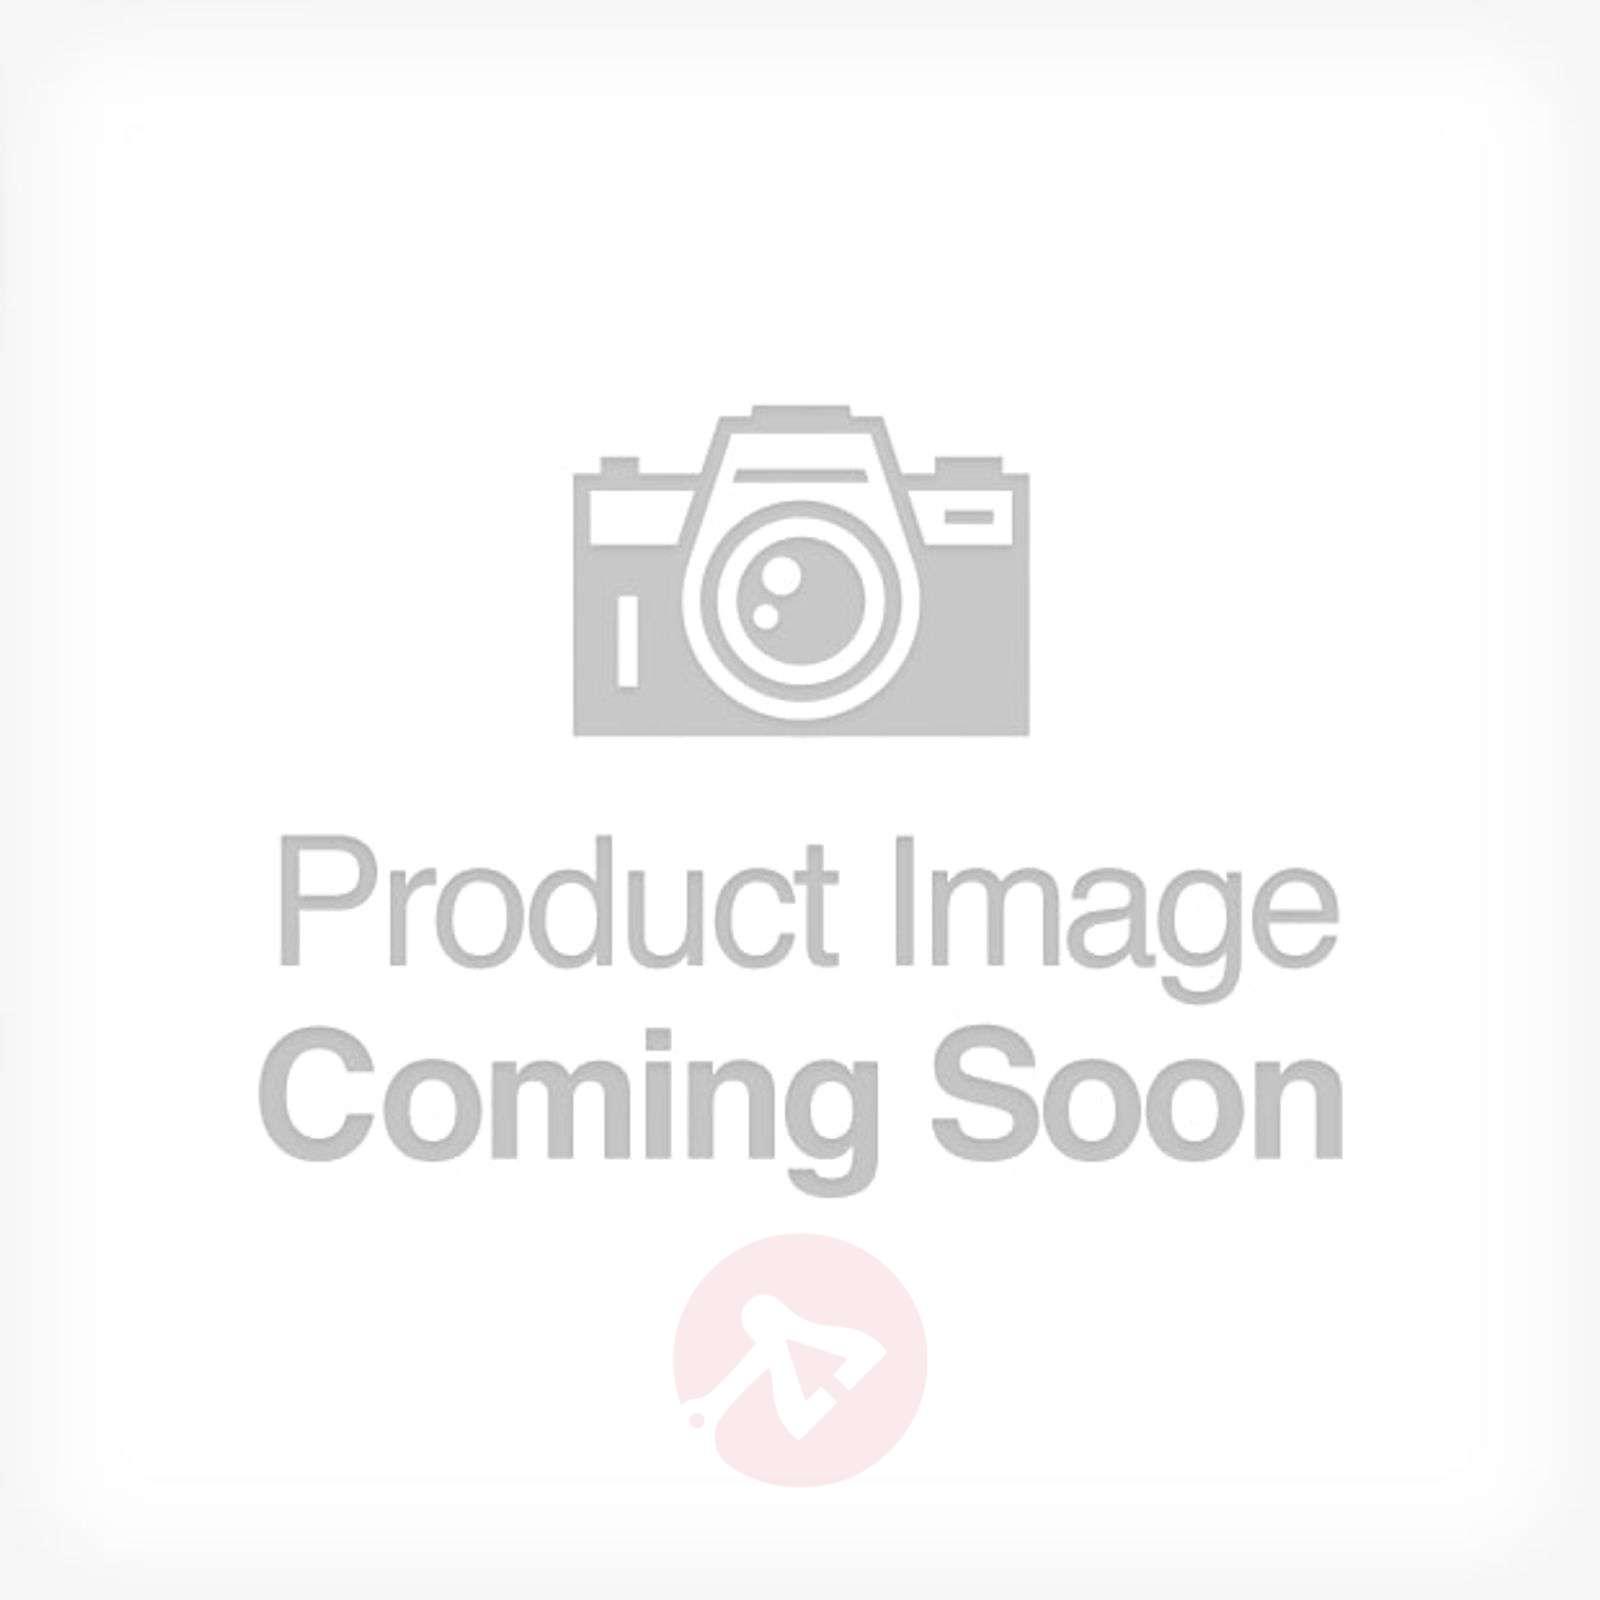 Sis. kaukosäädin – kylpyhuoneen LED-peilivalo Atla-3052037-04